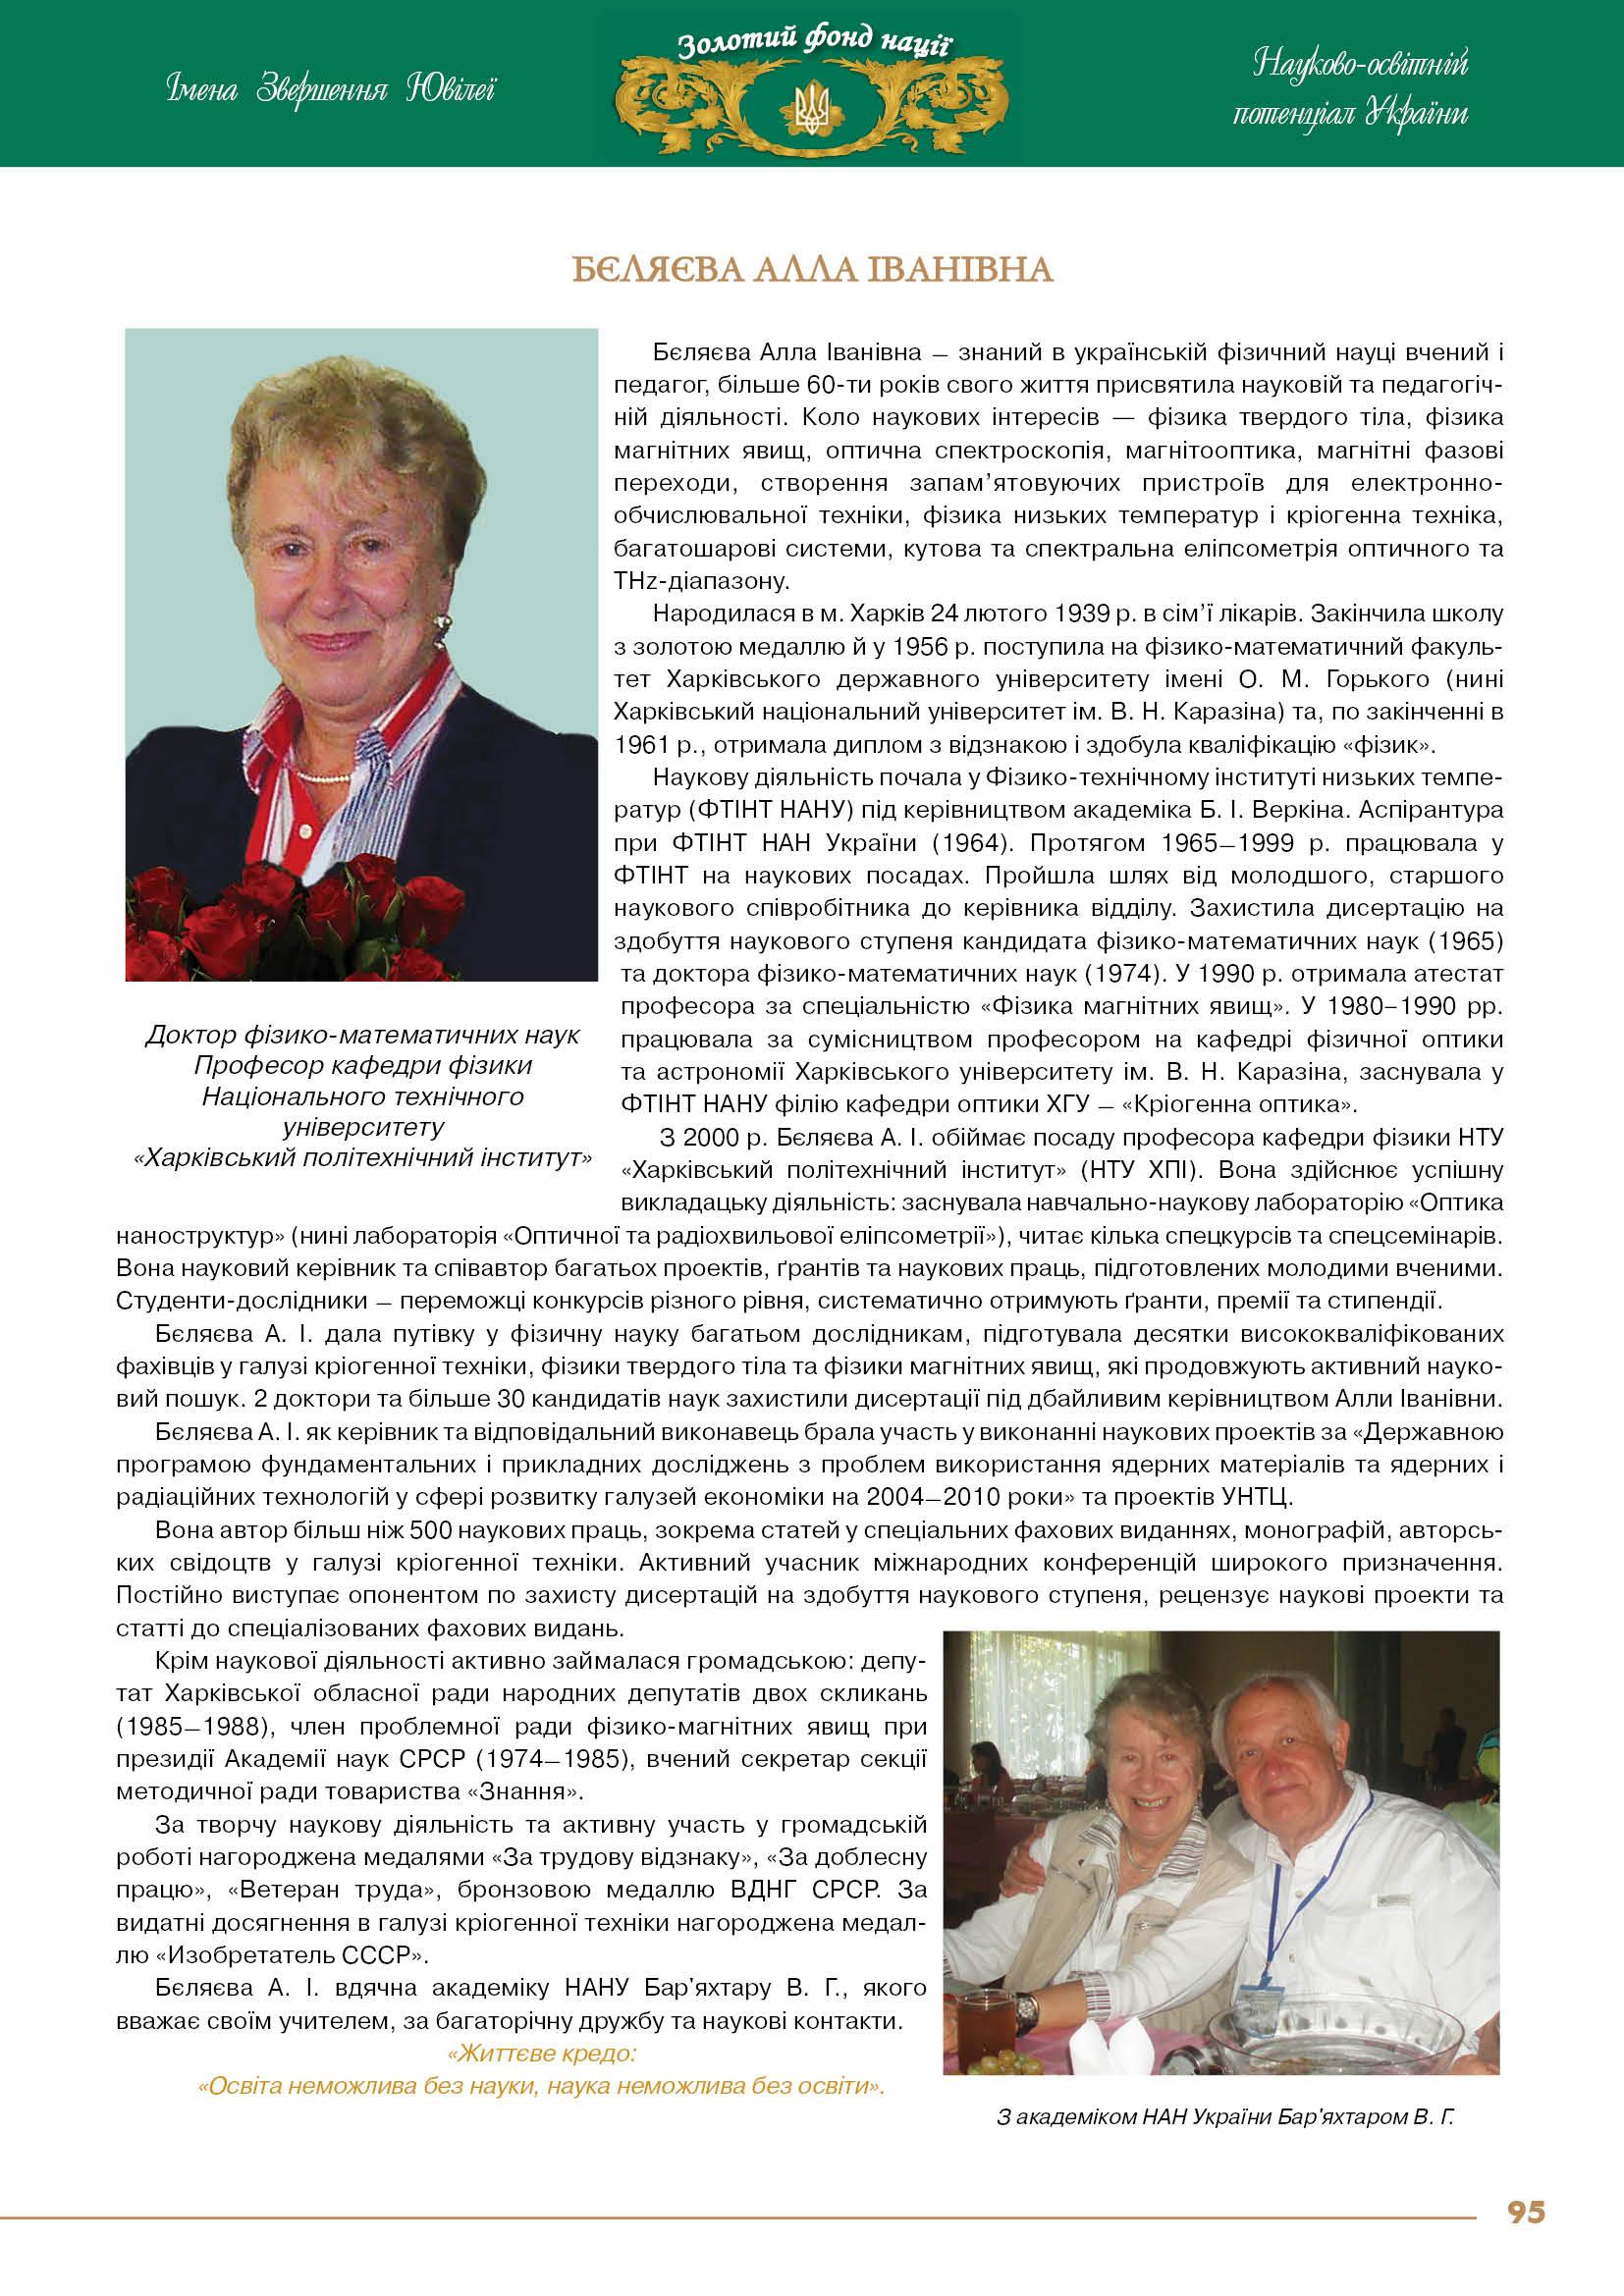 Бєляєва Алла Іванівна